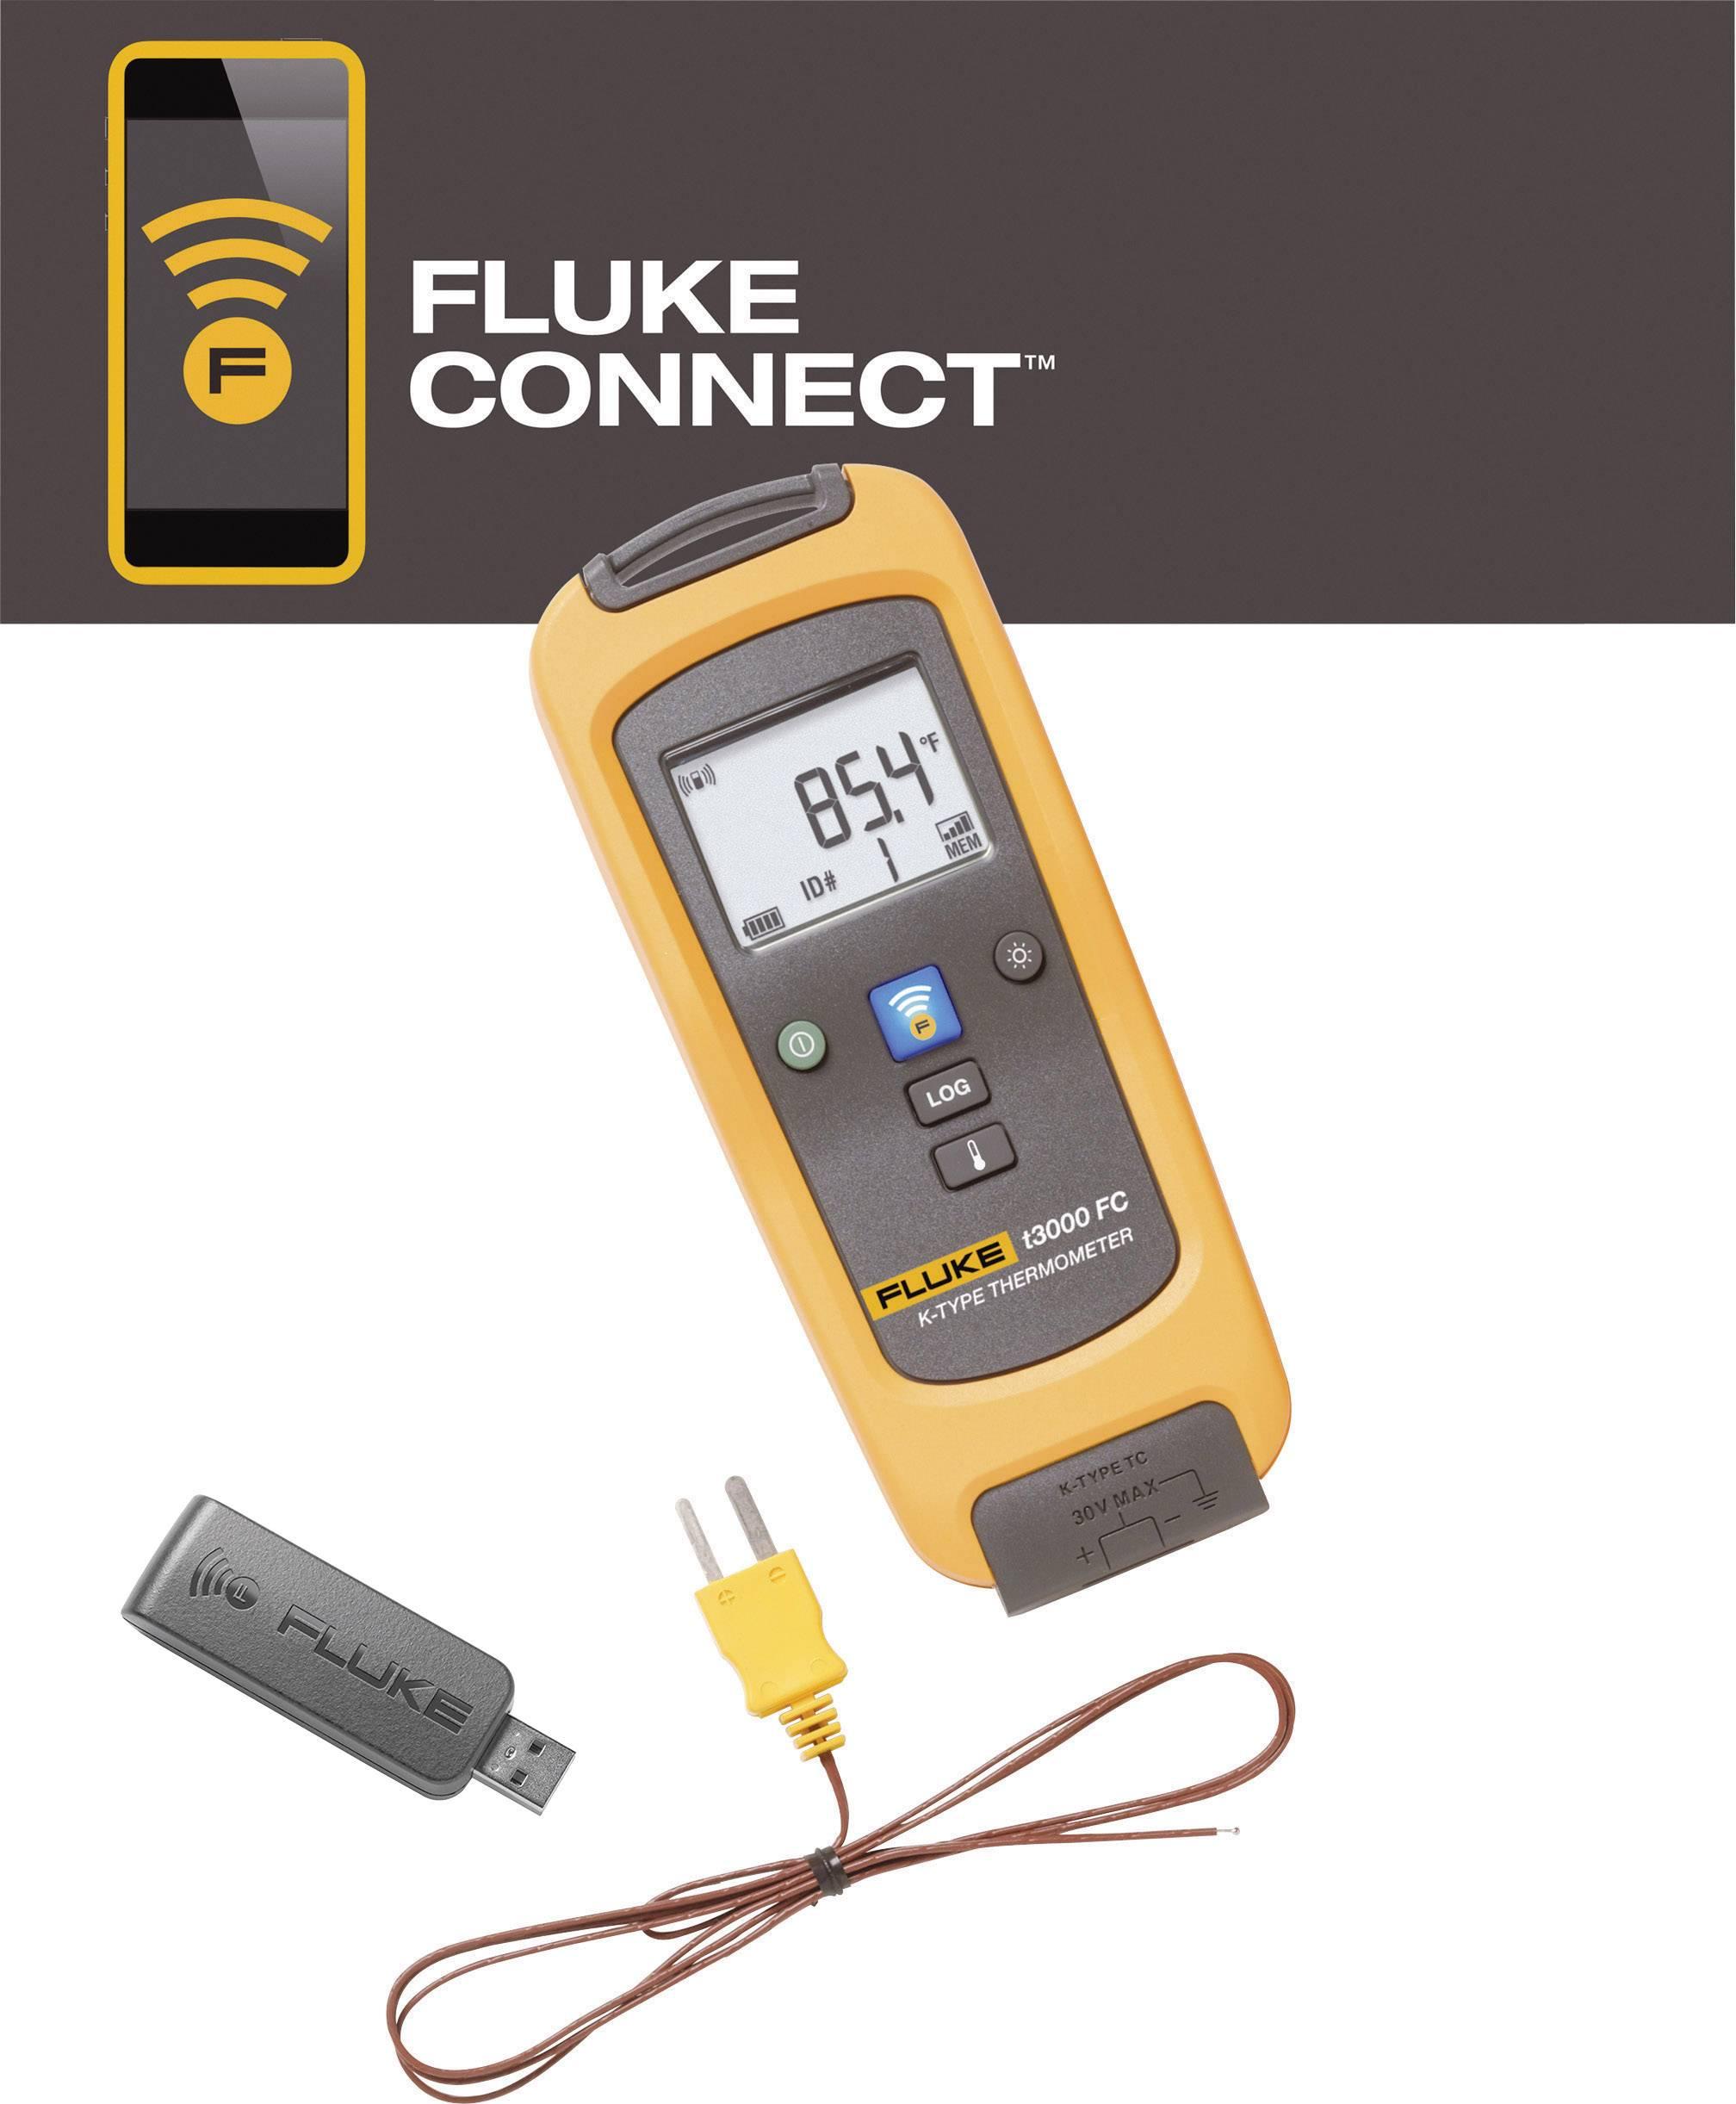 Fluke LK-t3000 FC 4401563